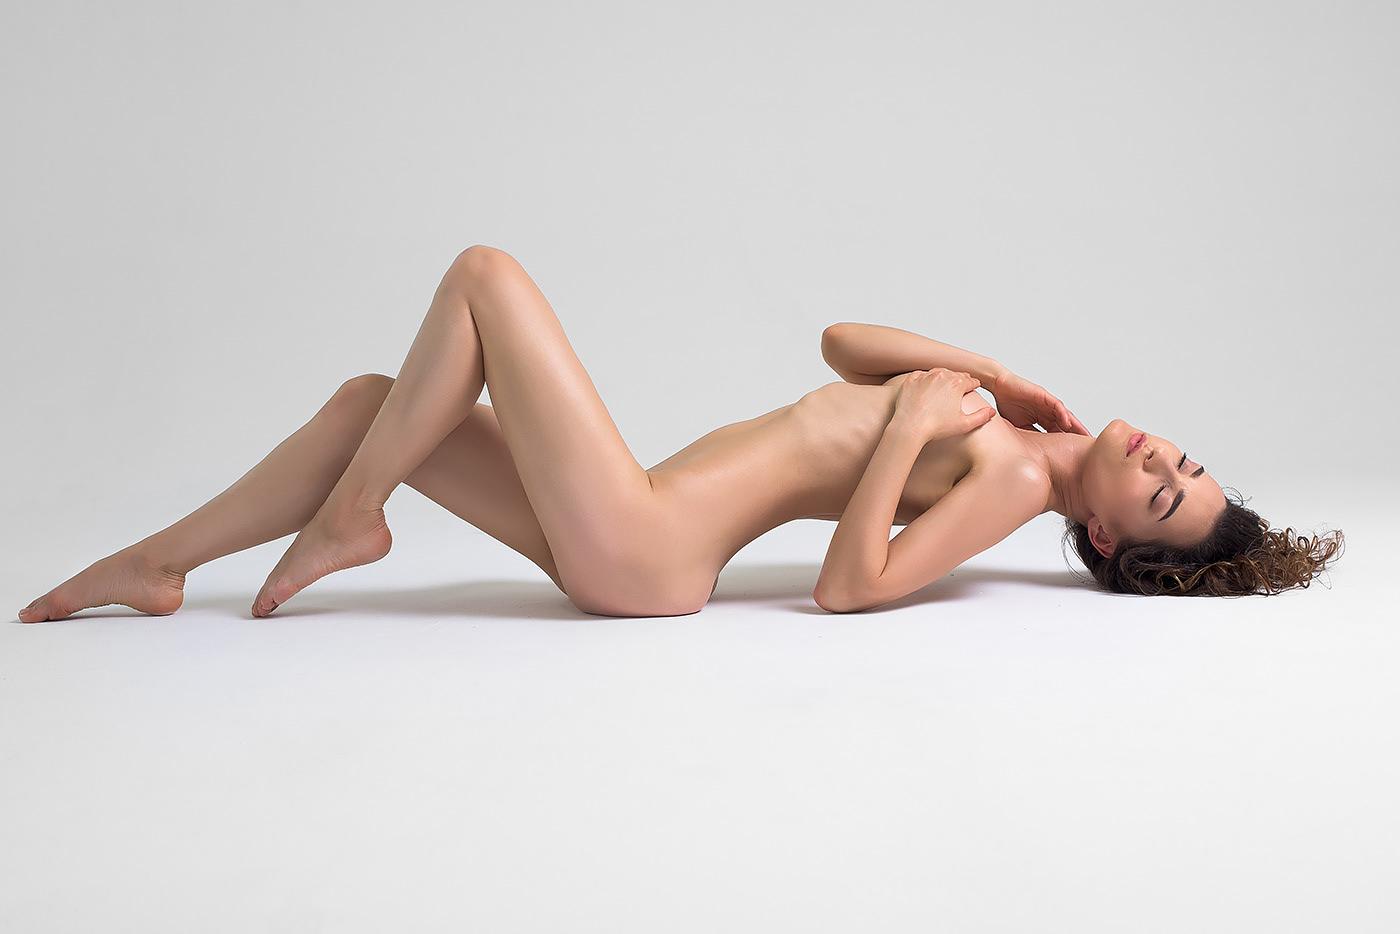 Sofi Ka – Những đường cong hoàn mỹ mà không gợi dục